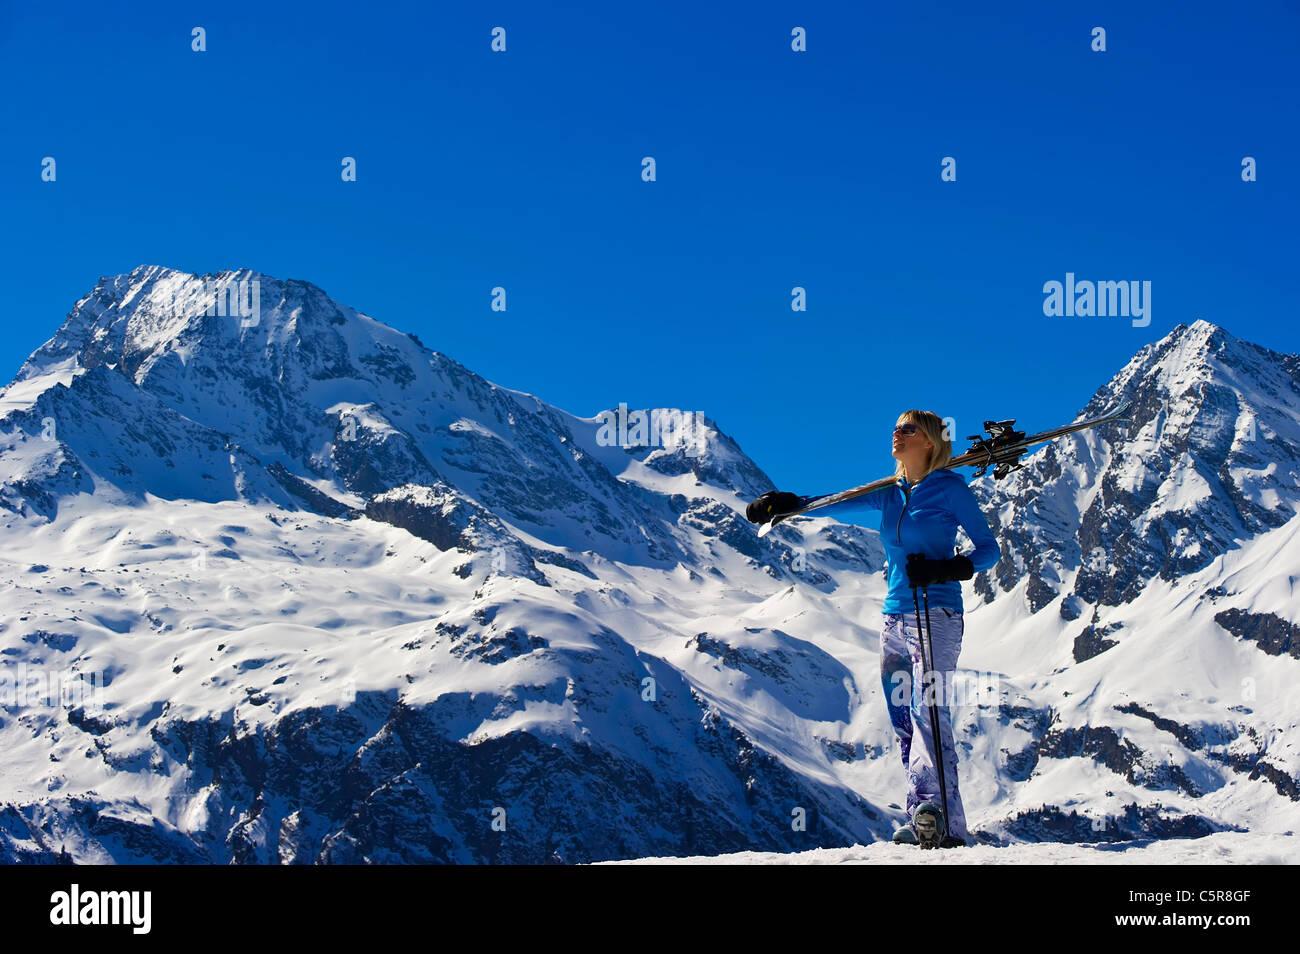 Una donna prende nella splendida montagna innevata vista. Immagini Stock